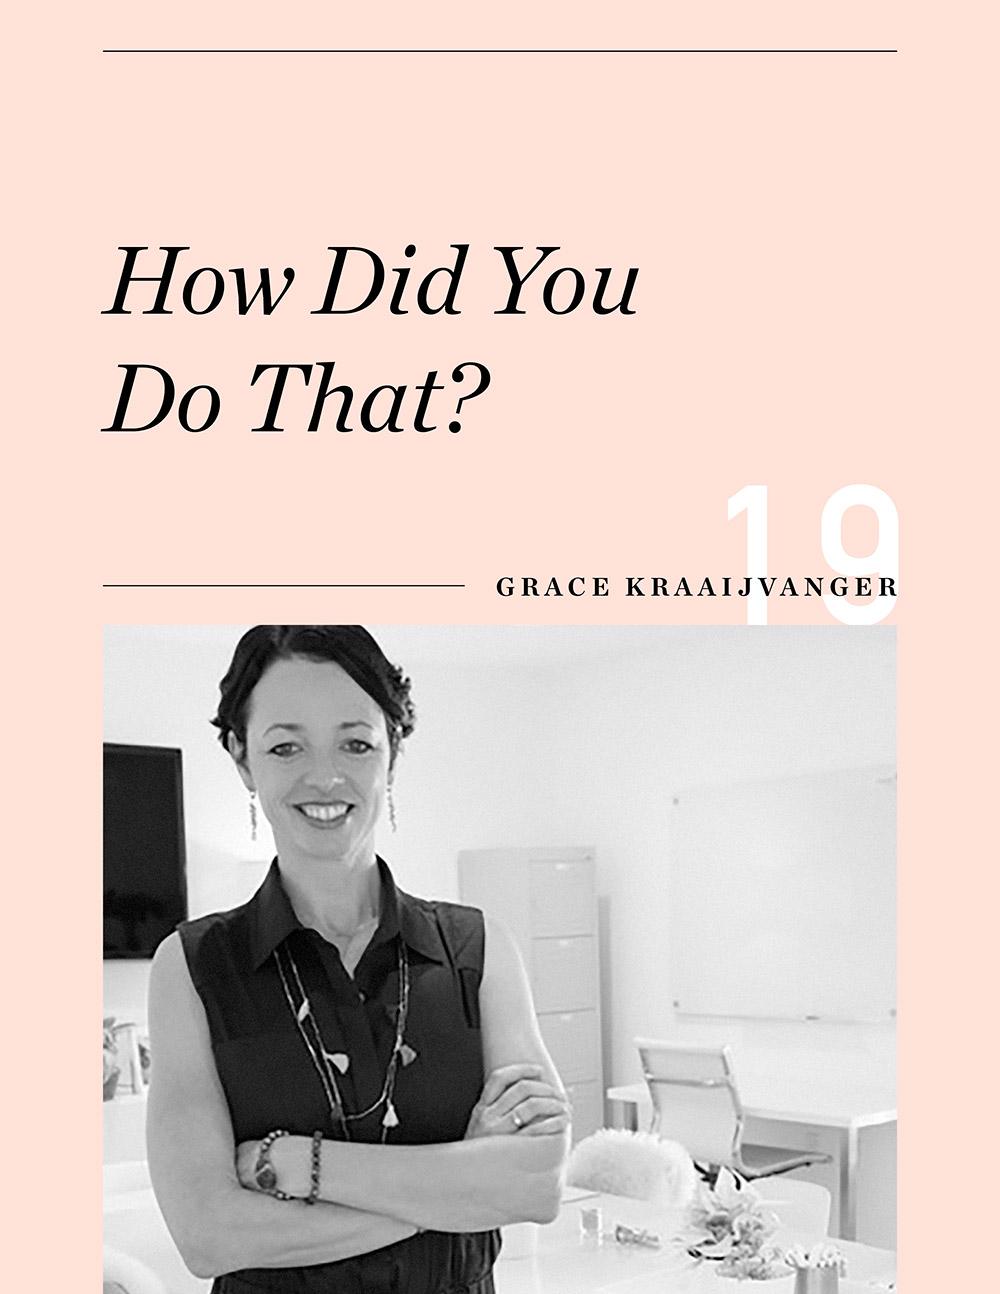 Ellen Fondiler | An Interview With Grace Kraaijvanger